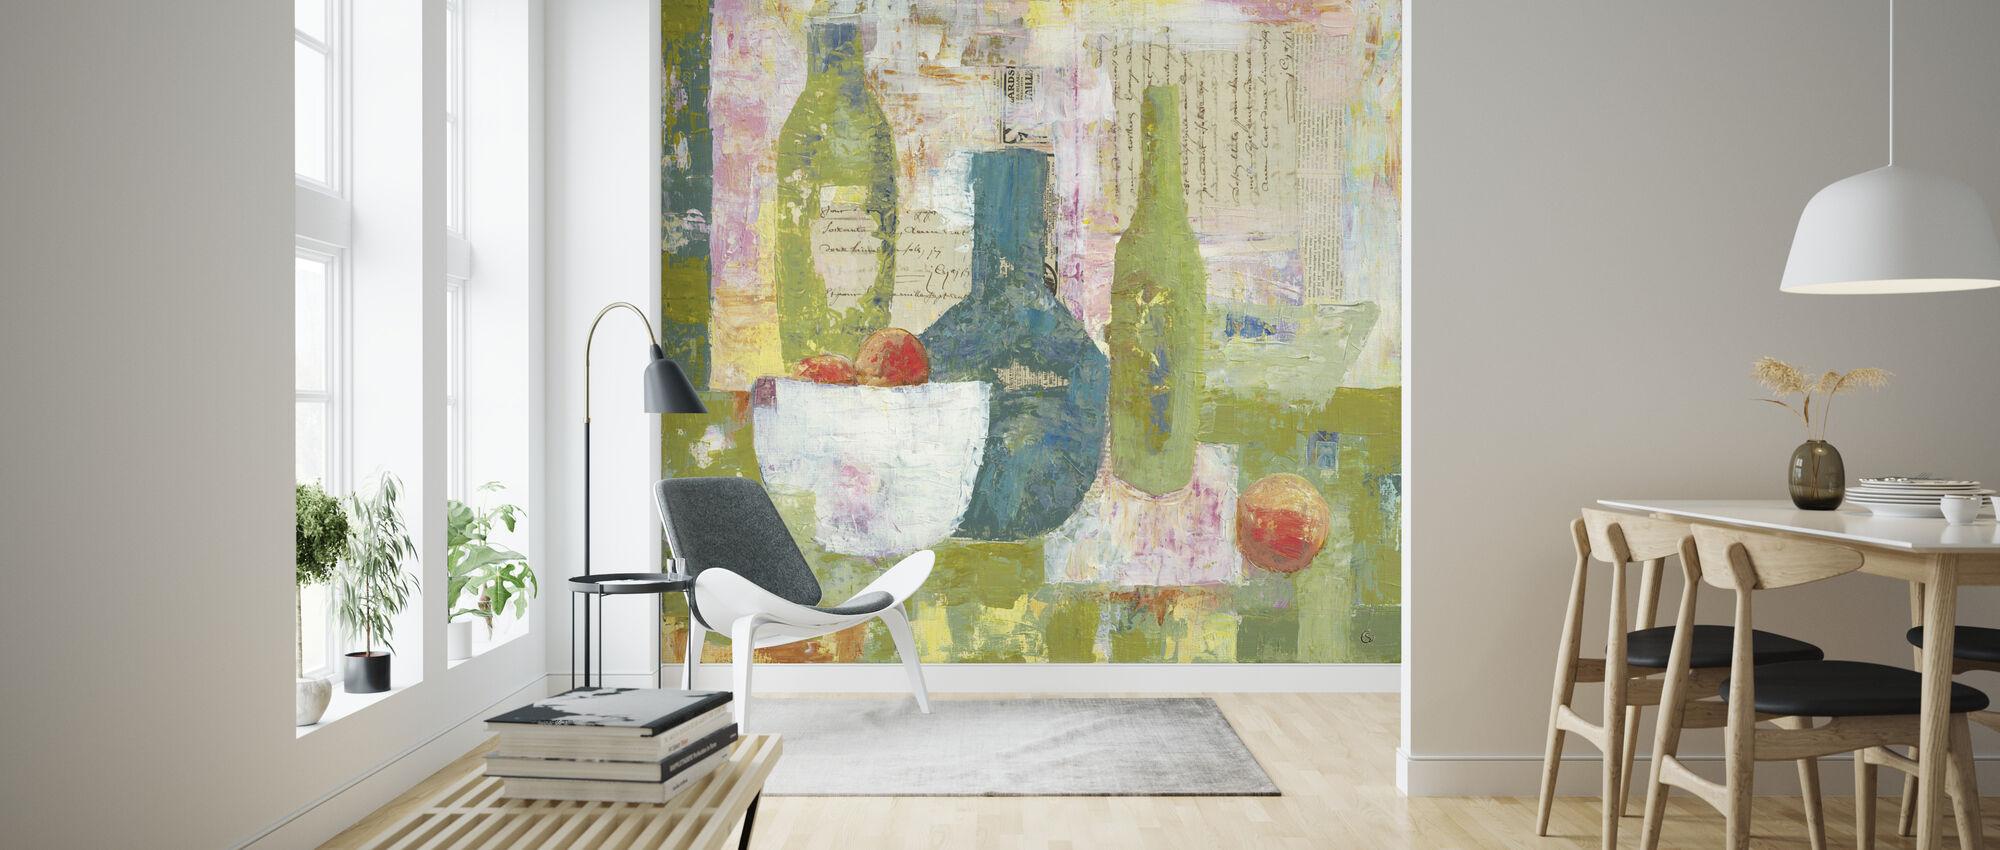 Still Life - Wallpaper - Living Room